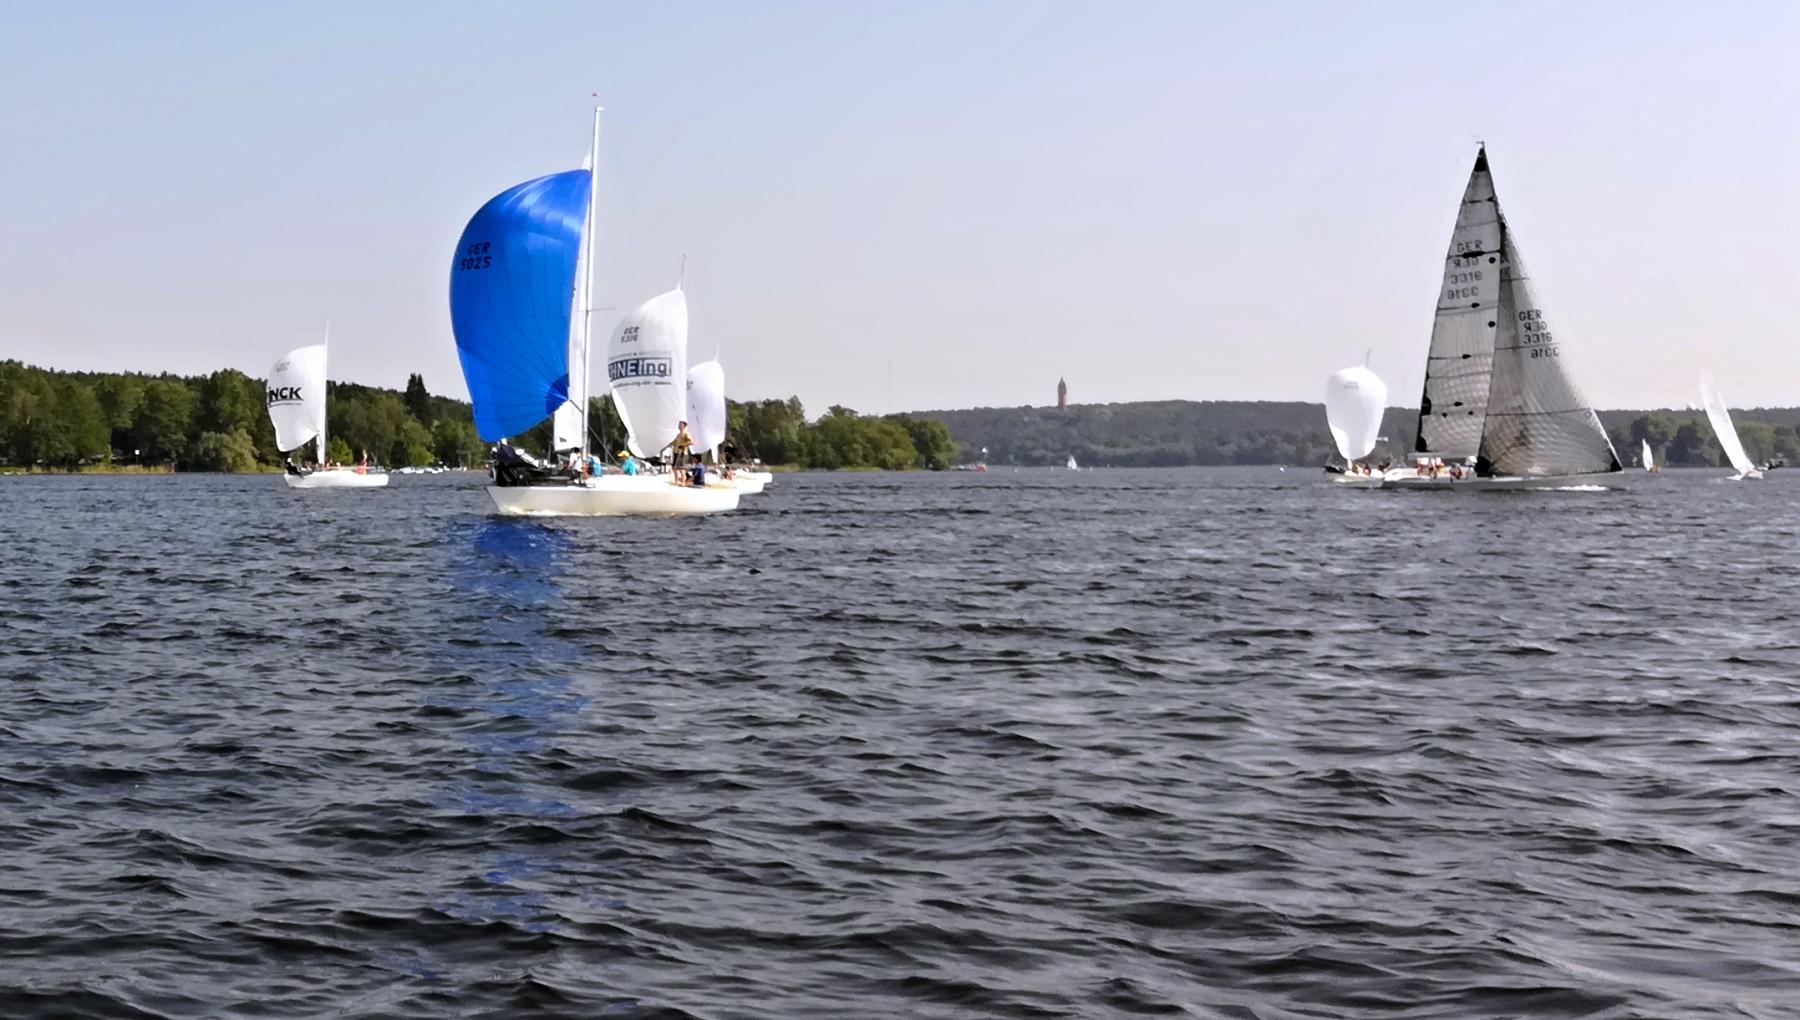 Rupenhorn Regatta 2018 des KaR - Wettfahrt 4 - Sweet kreuzt das Feld der J24 - Photo © SailingAnarchy.de